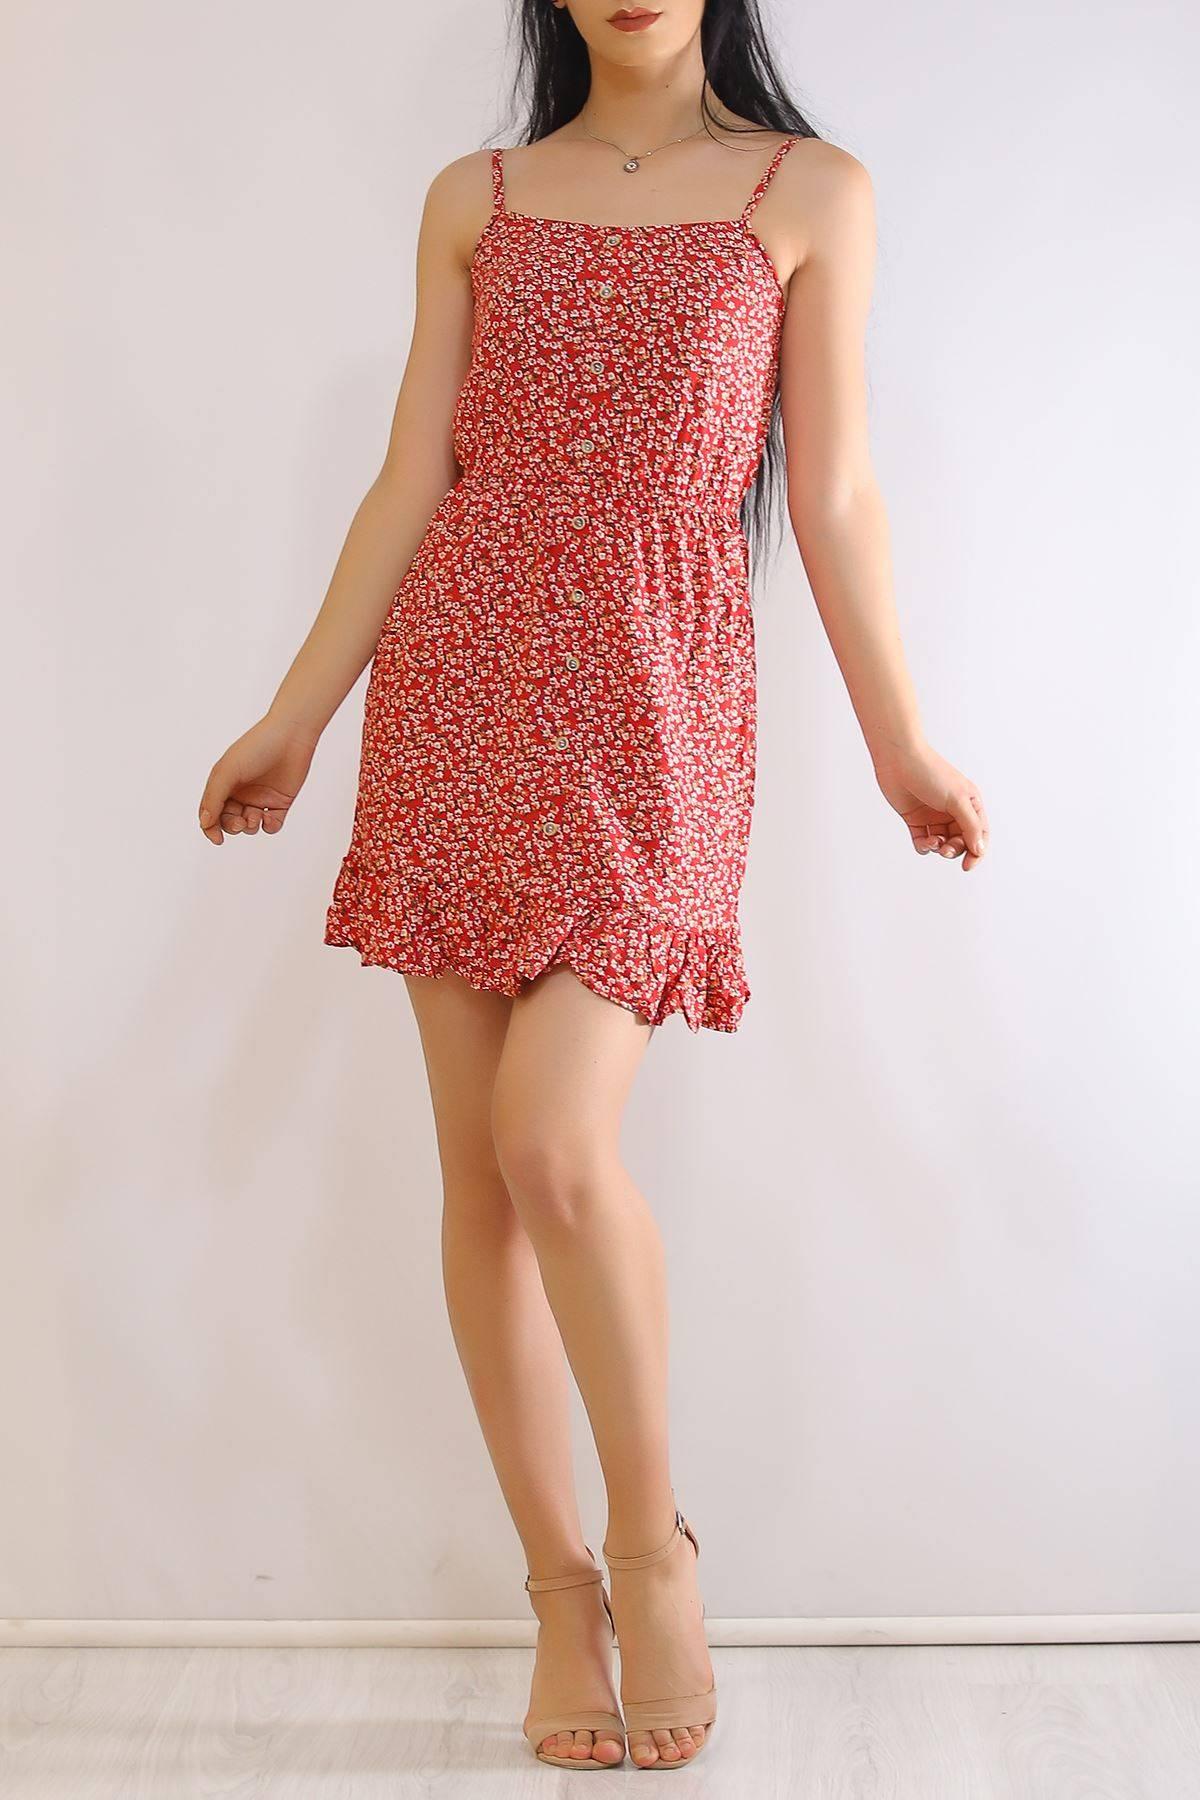 İp Askılı Elbise Kırmızıçiçekli - 21160.101.